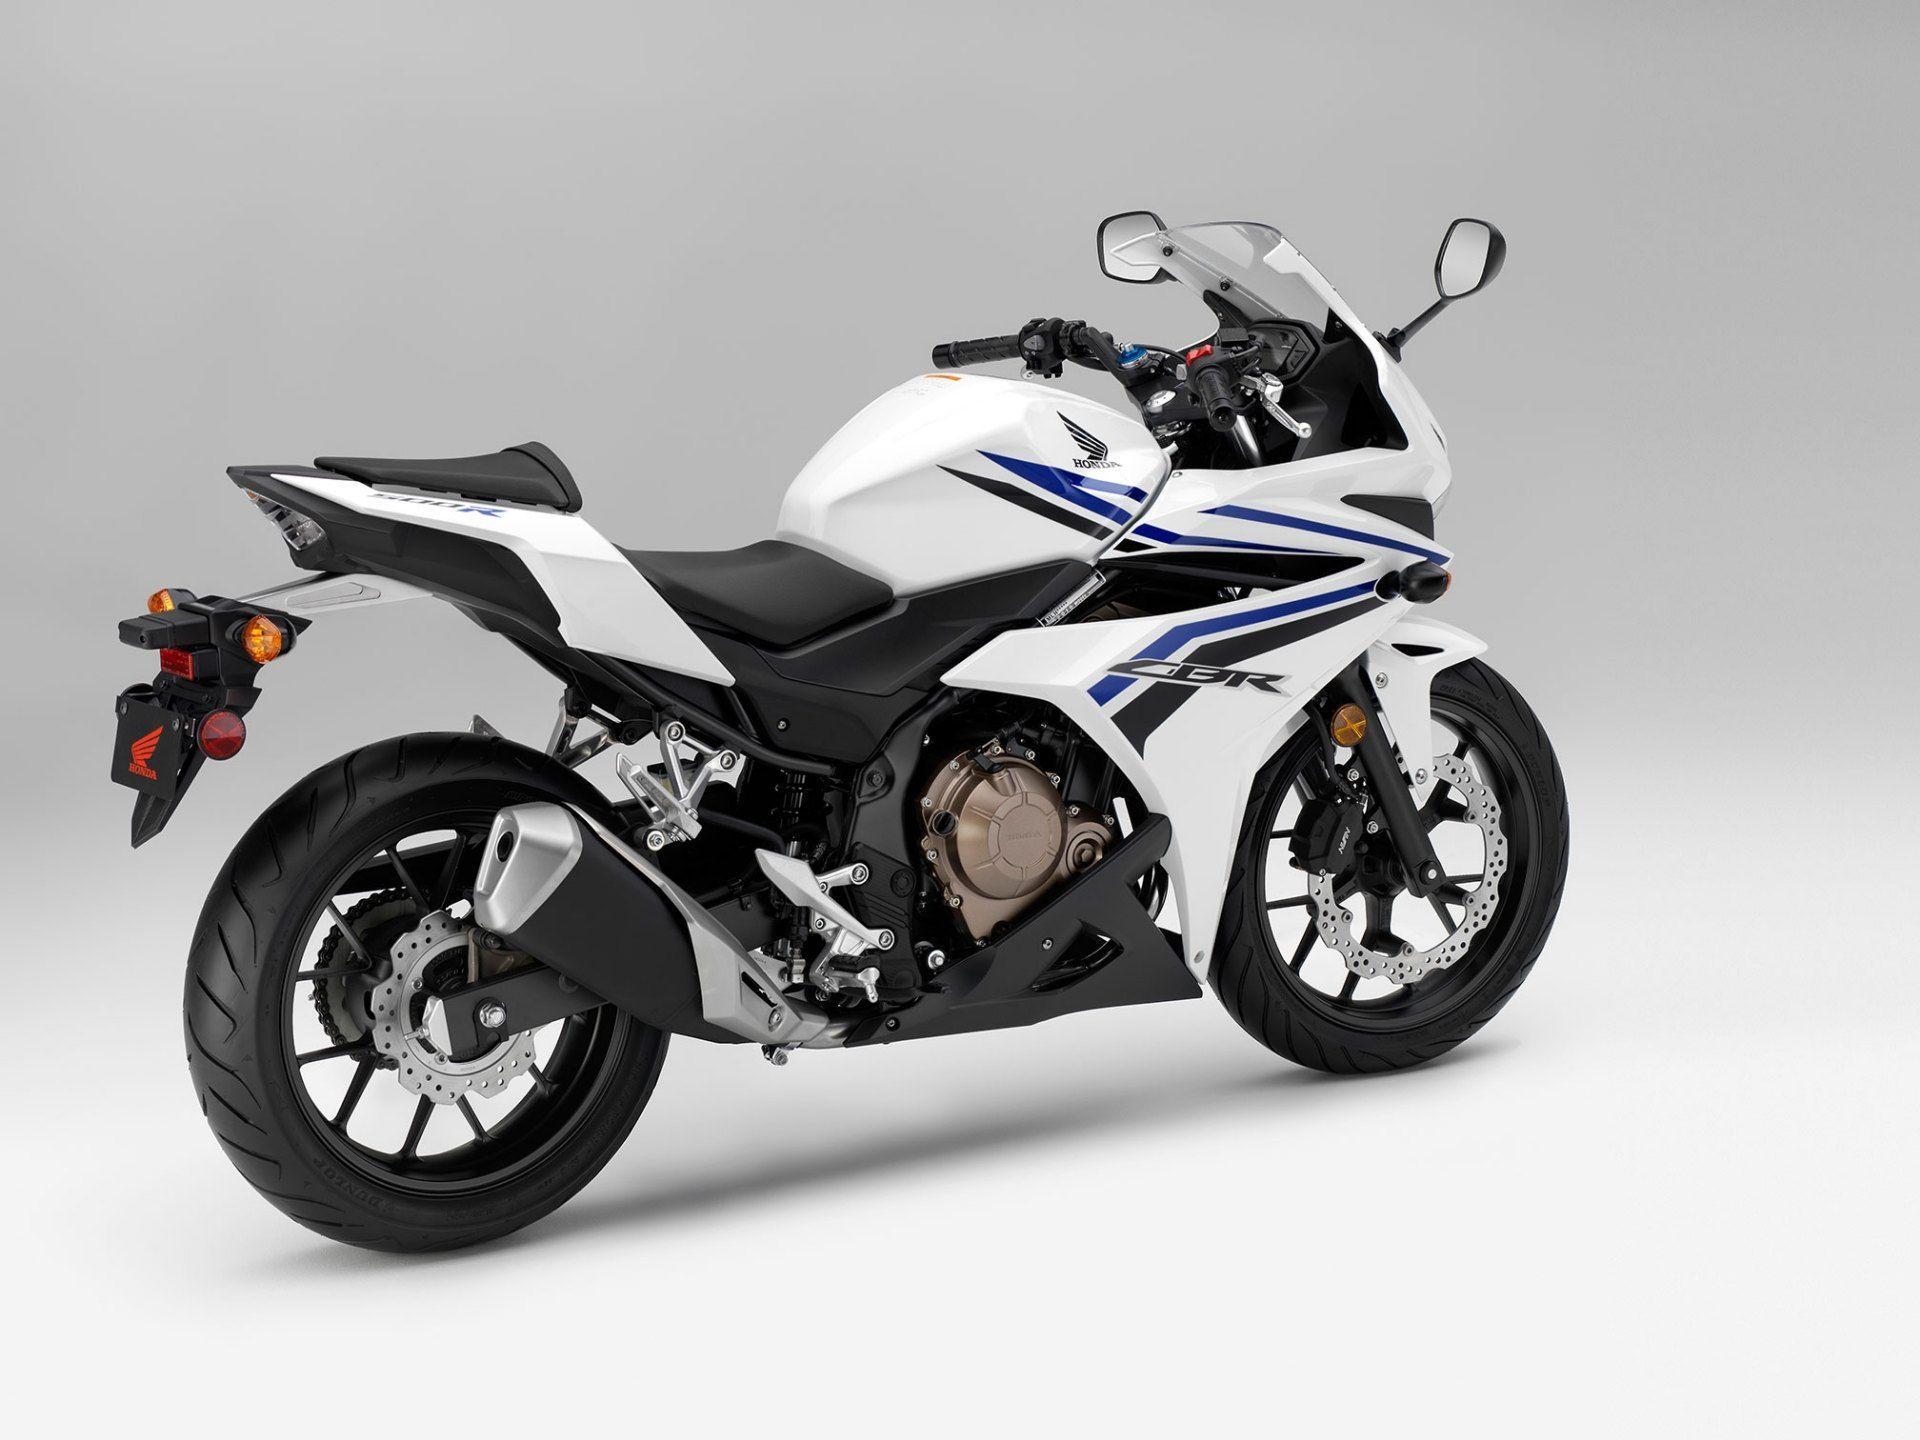 2017 Honda CBR500R Wallpaper 3049